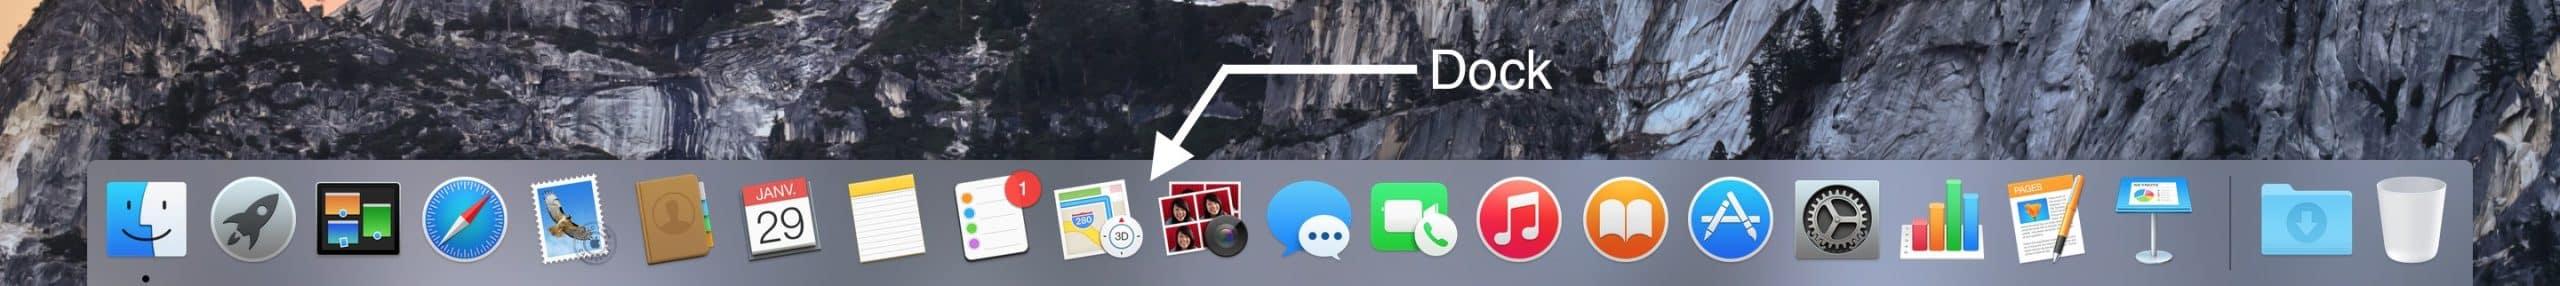 Comment forcer une application à quitter sur Mac 1